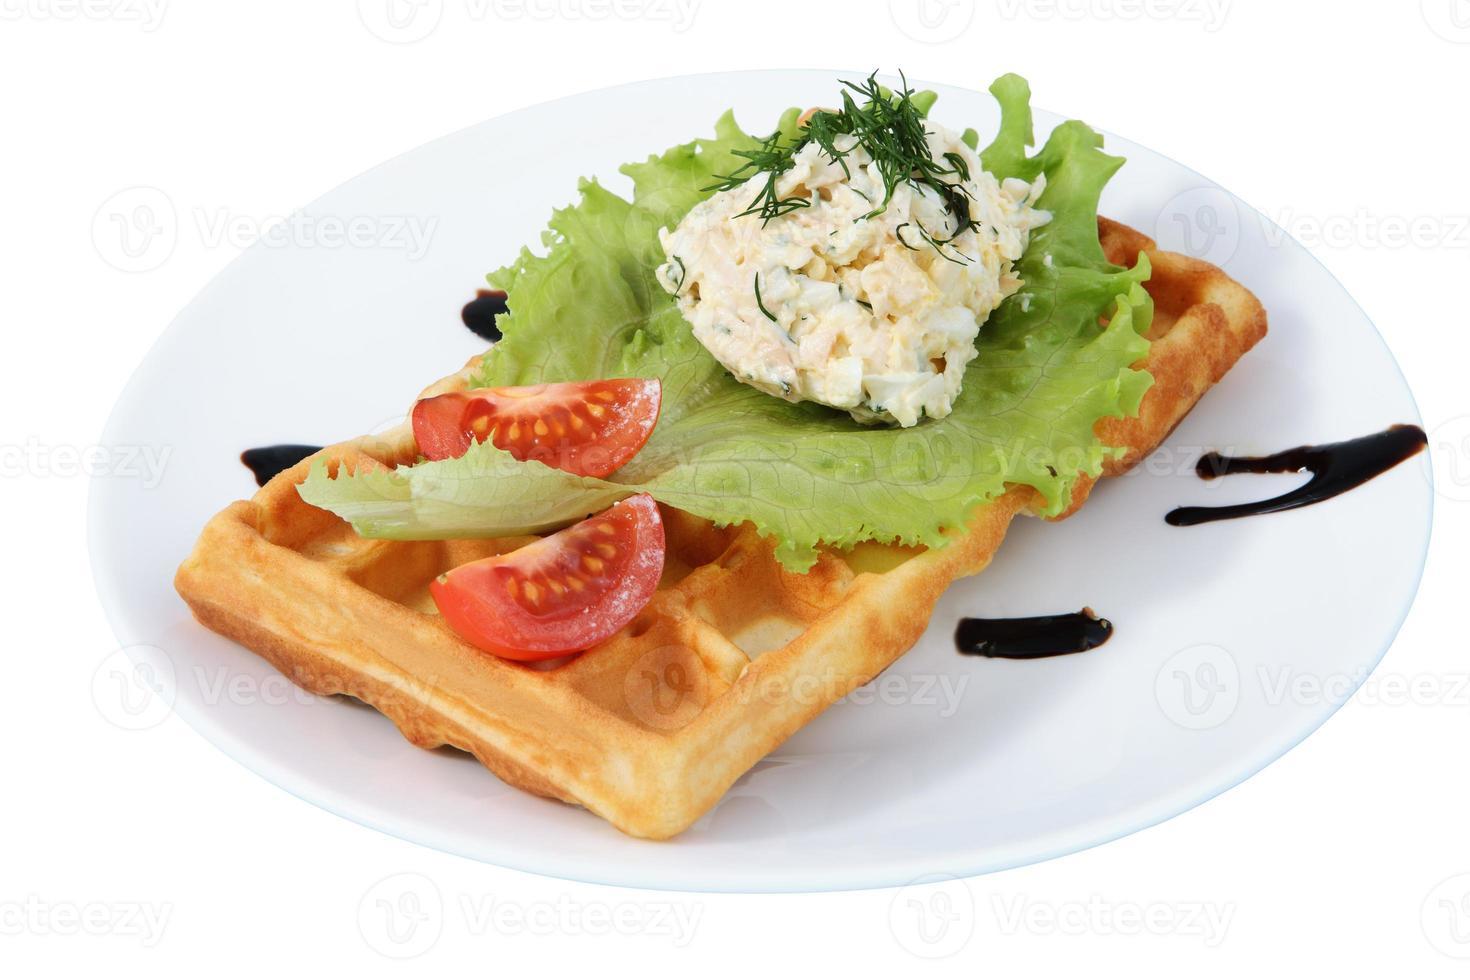 Teller mit Fast Food, belgischer Waffel, Beilage, Tomate, Salat foto